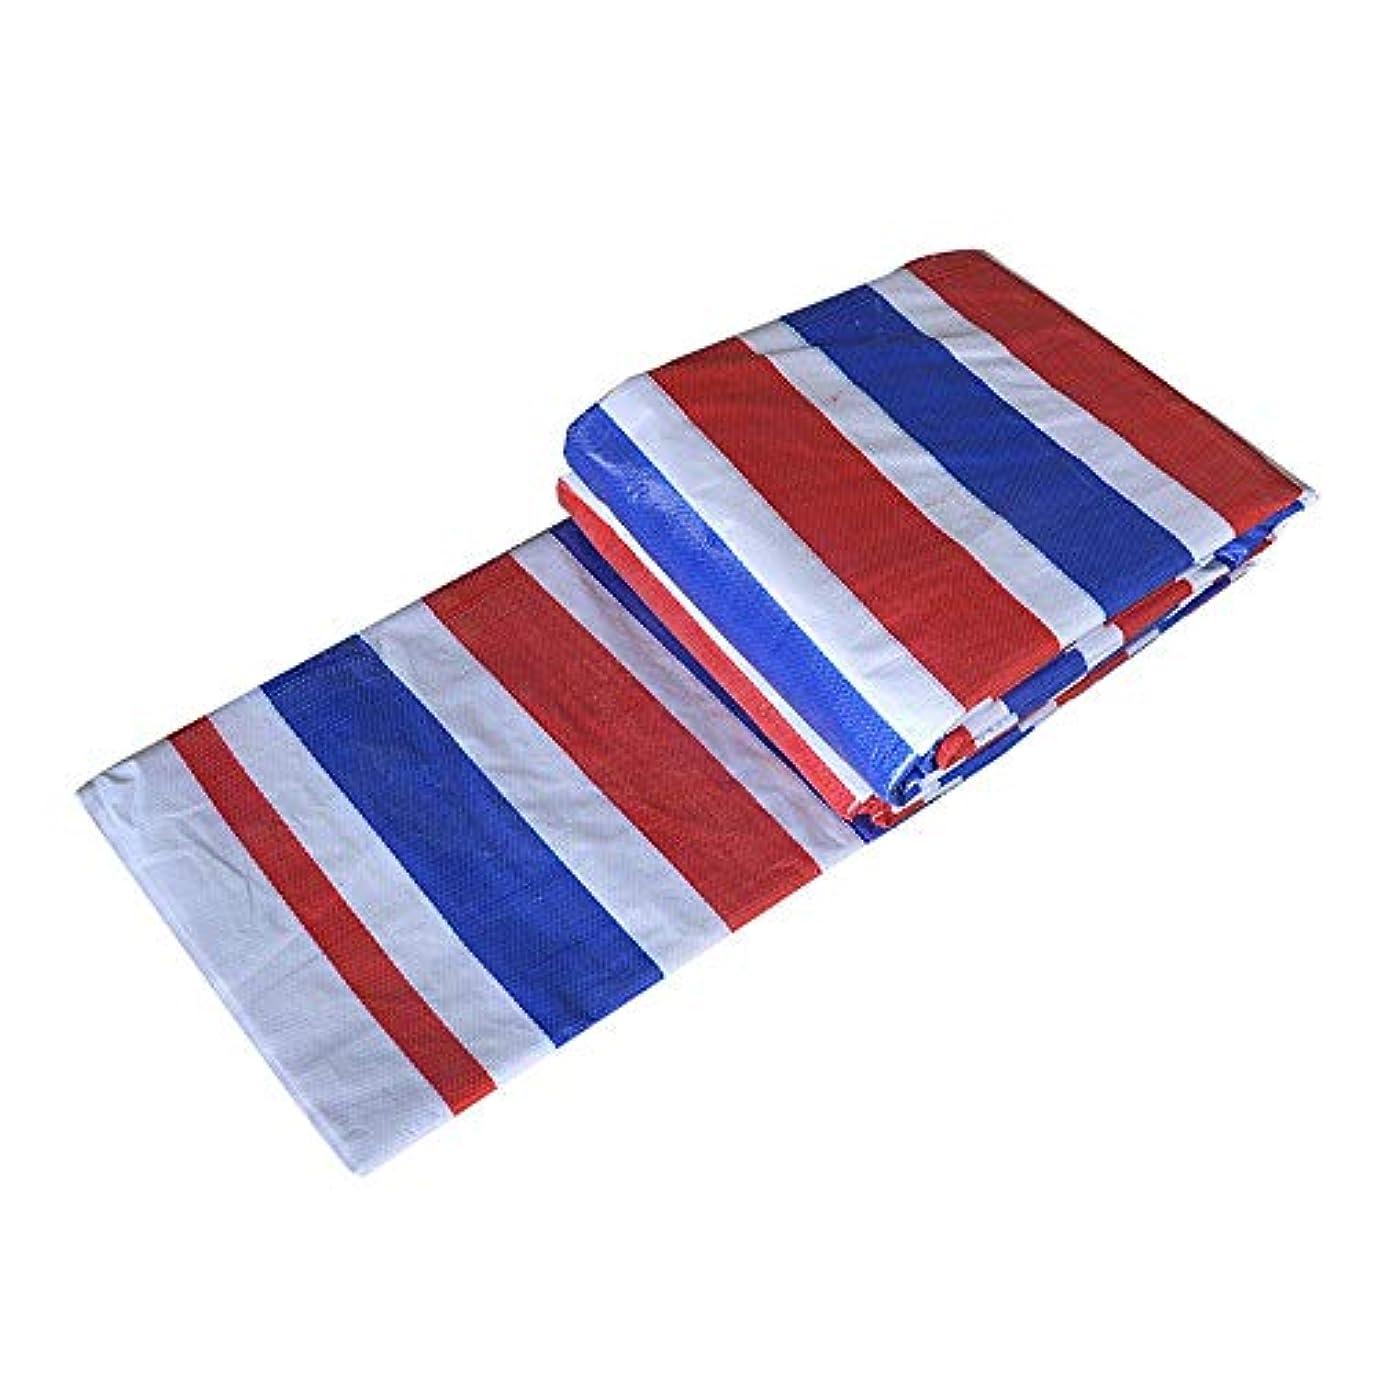 短くする開発するパットJia He ターポリン ポリエチレンプラスチック防水布カラーストライププラスチック布防水防水シート屋外シェード布ポータブルポンチョ、14サイズ @@ (Size : 4mX5m)